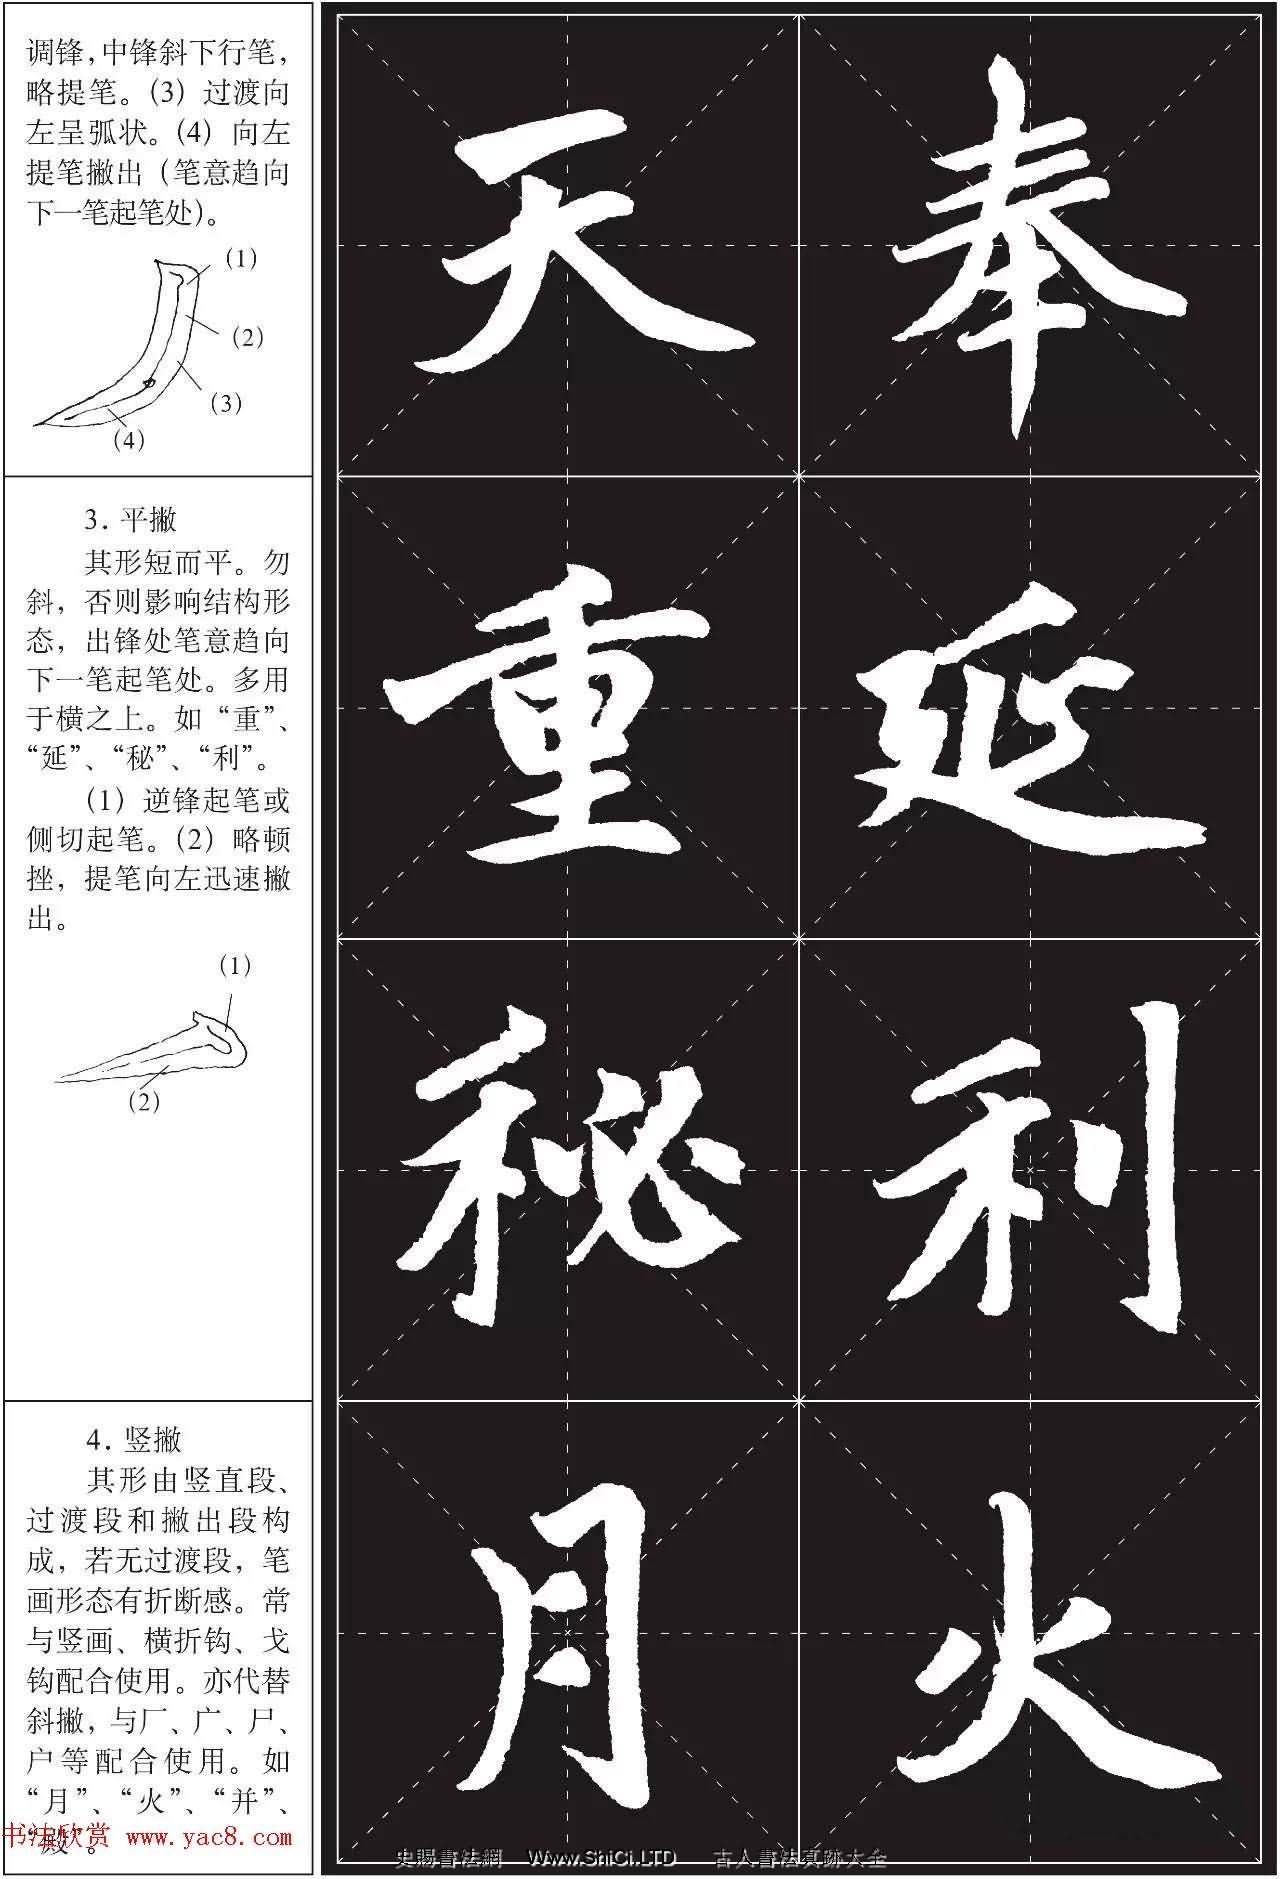 書法培訓楷書教程:趙孟俯《膽巴碑》解析